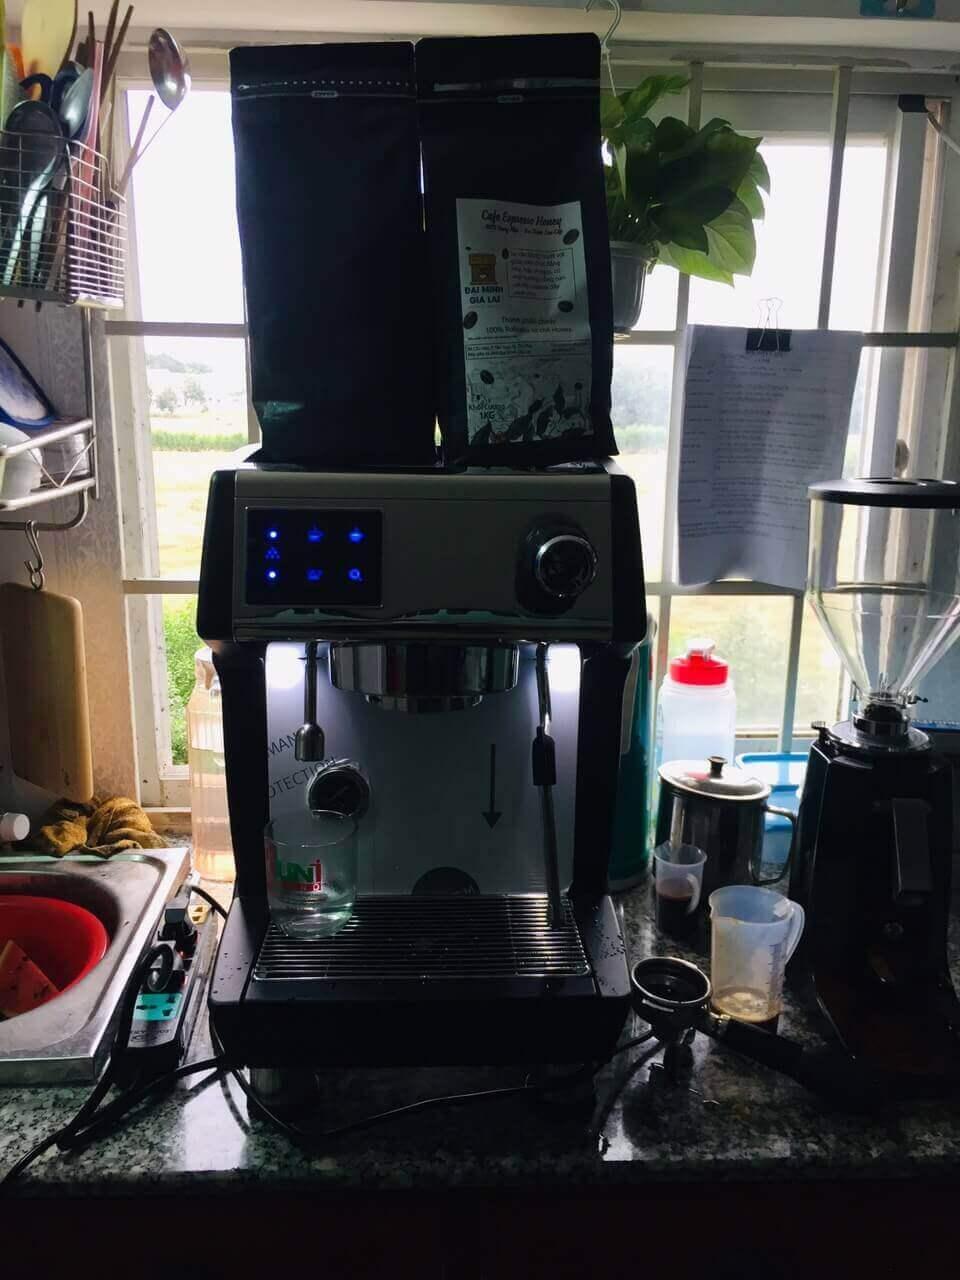 Khi toàn bộ đèn ở phím bấm nhấp nháy nghĩa là không có nước cấp cho máy pha cà phê